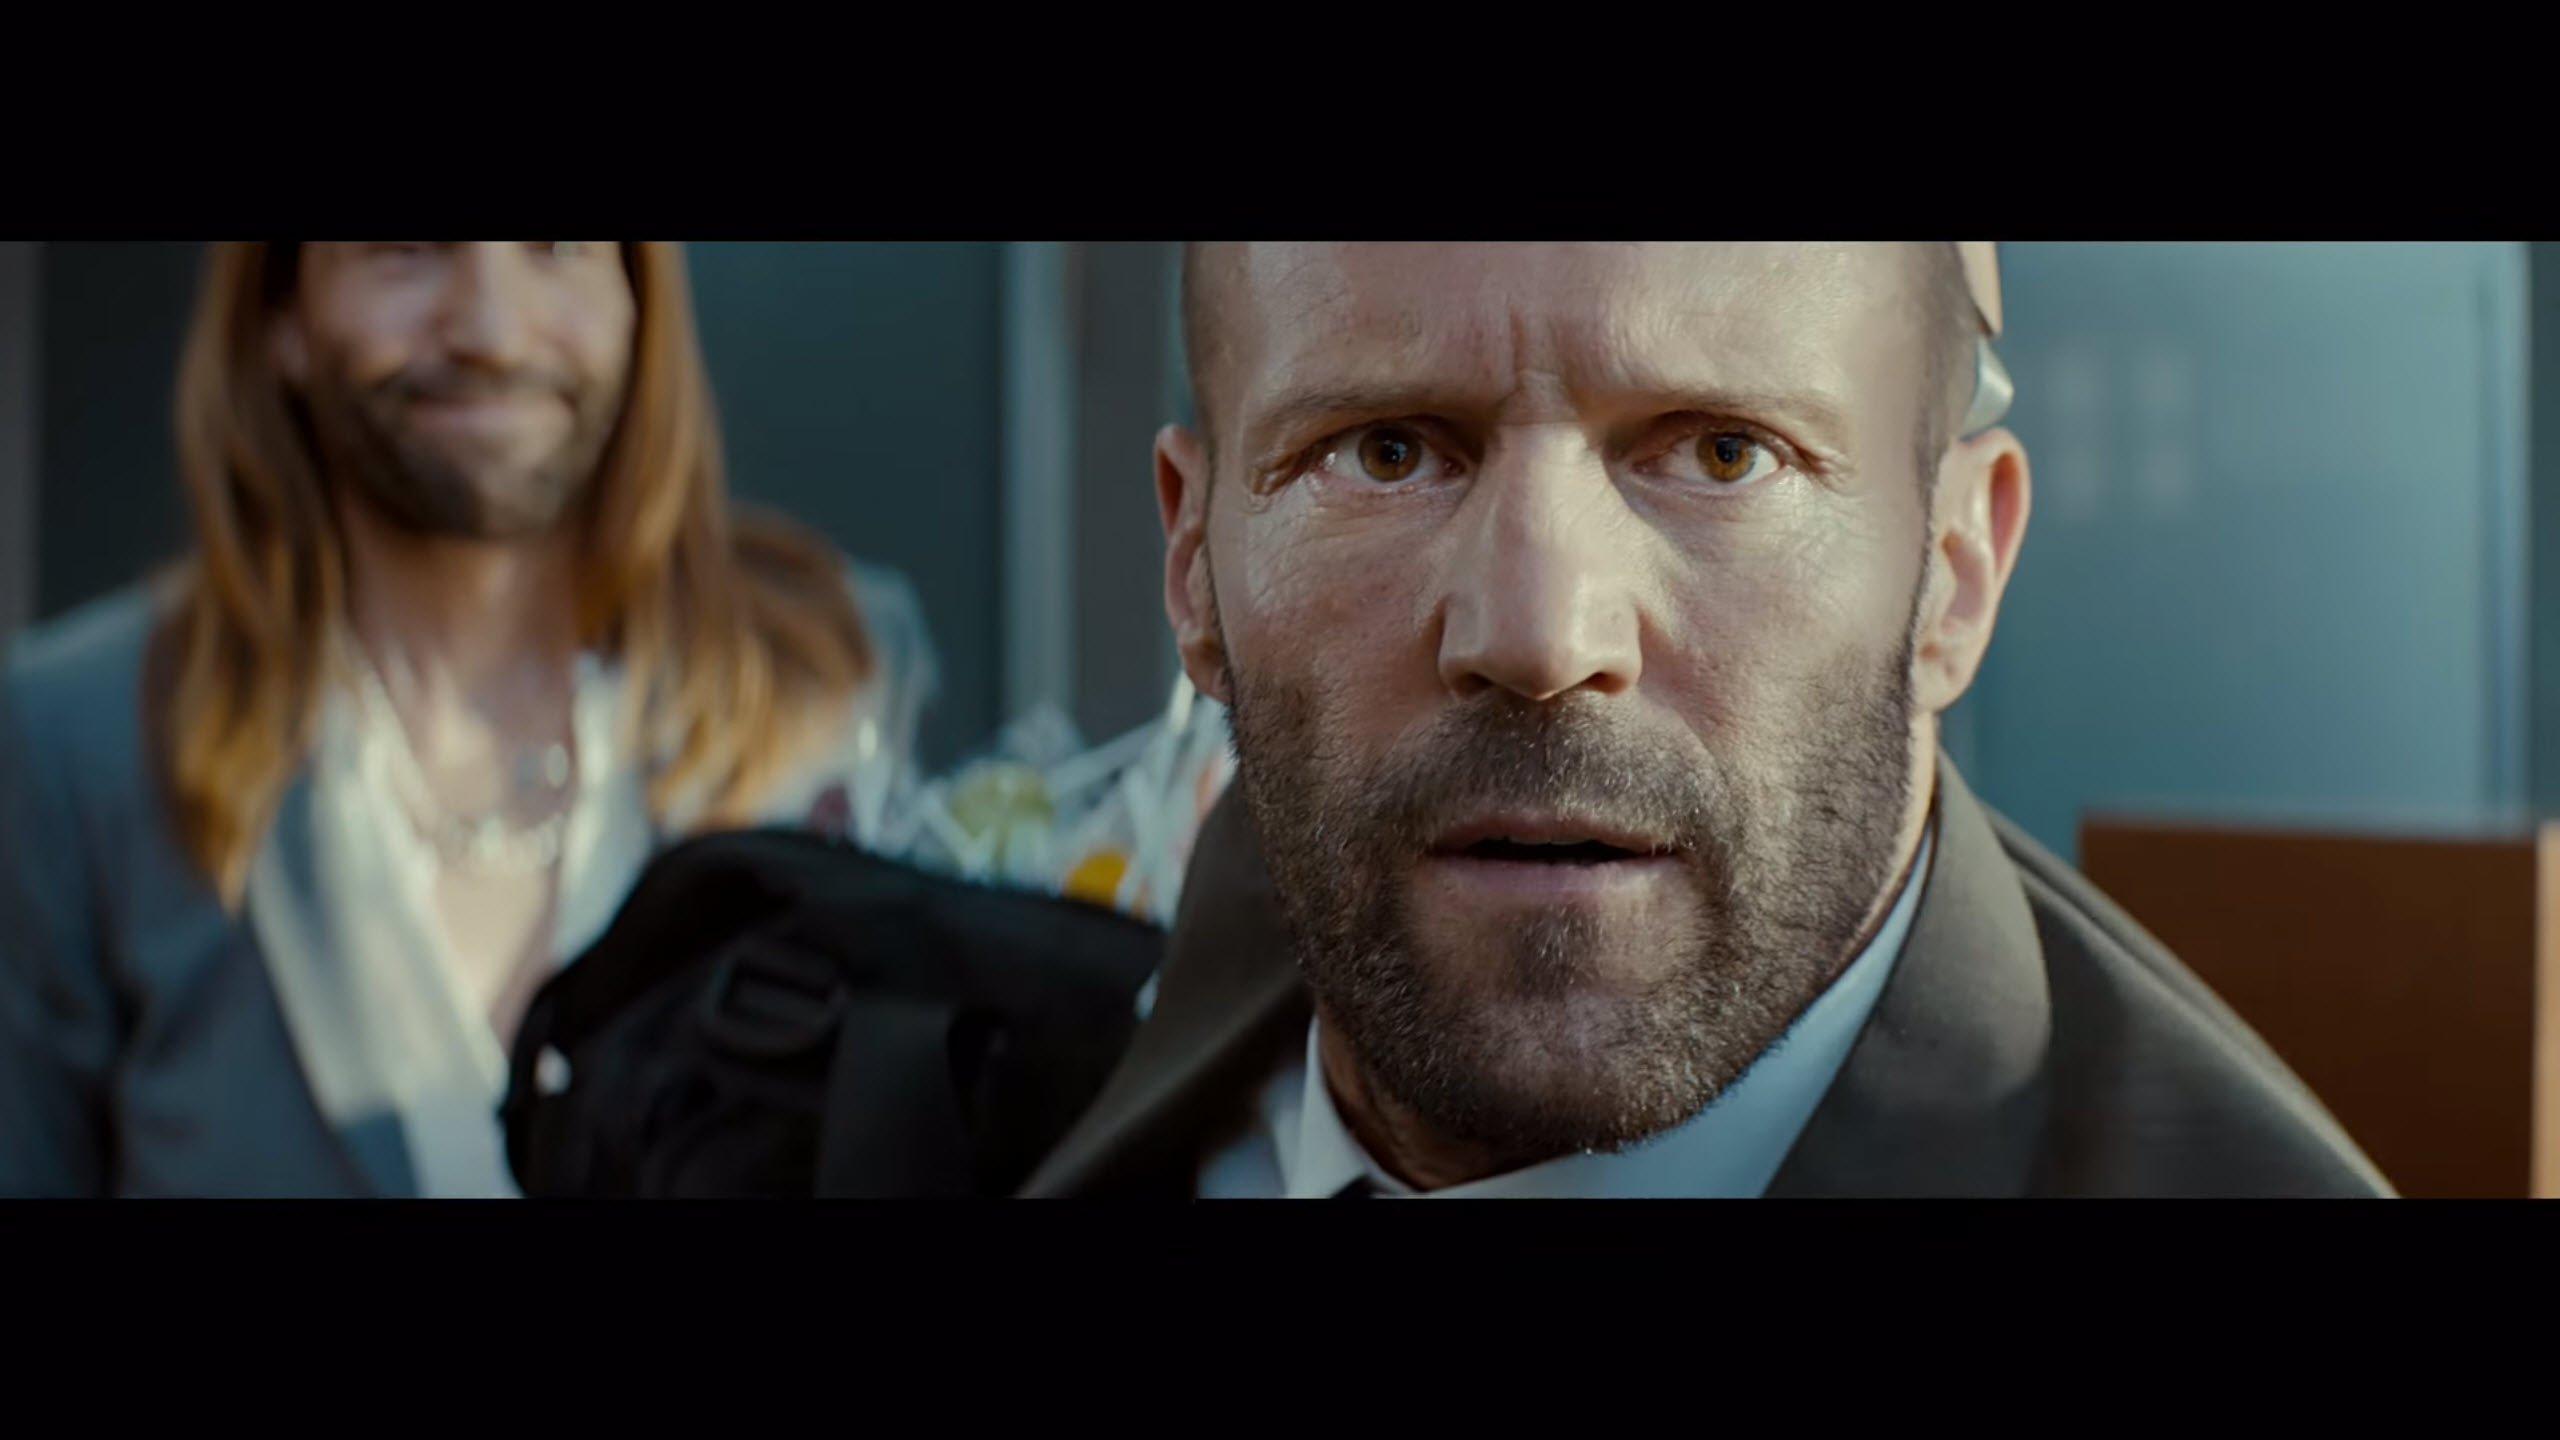 LG G5 videosunda herkes Jason Statham